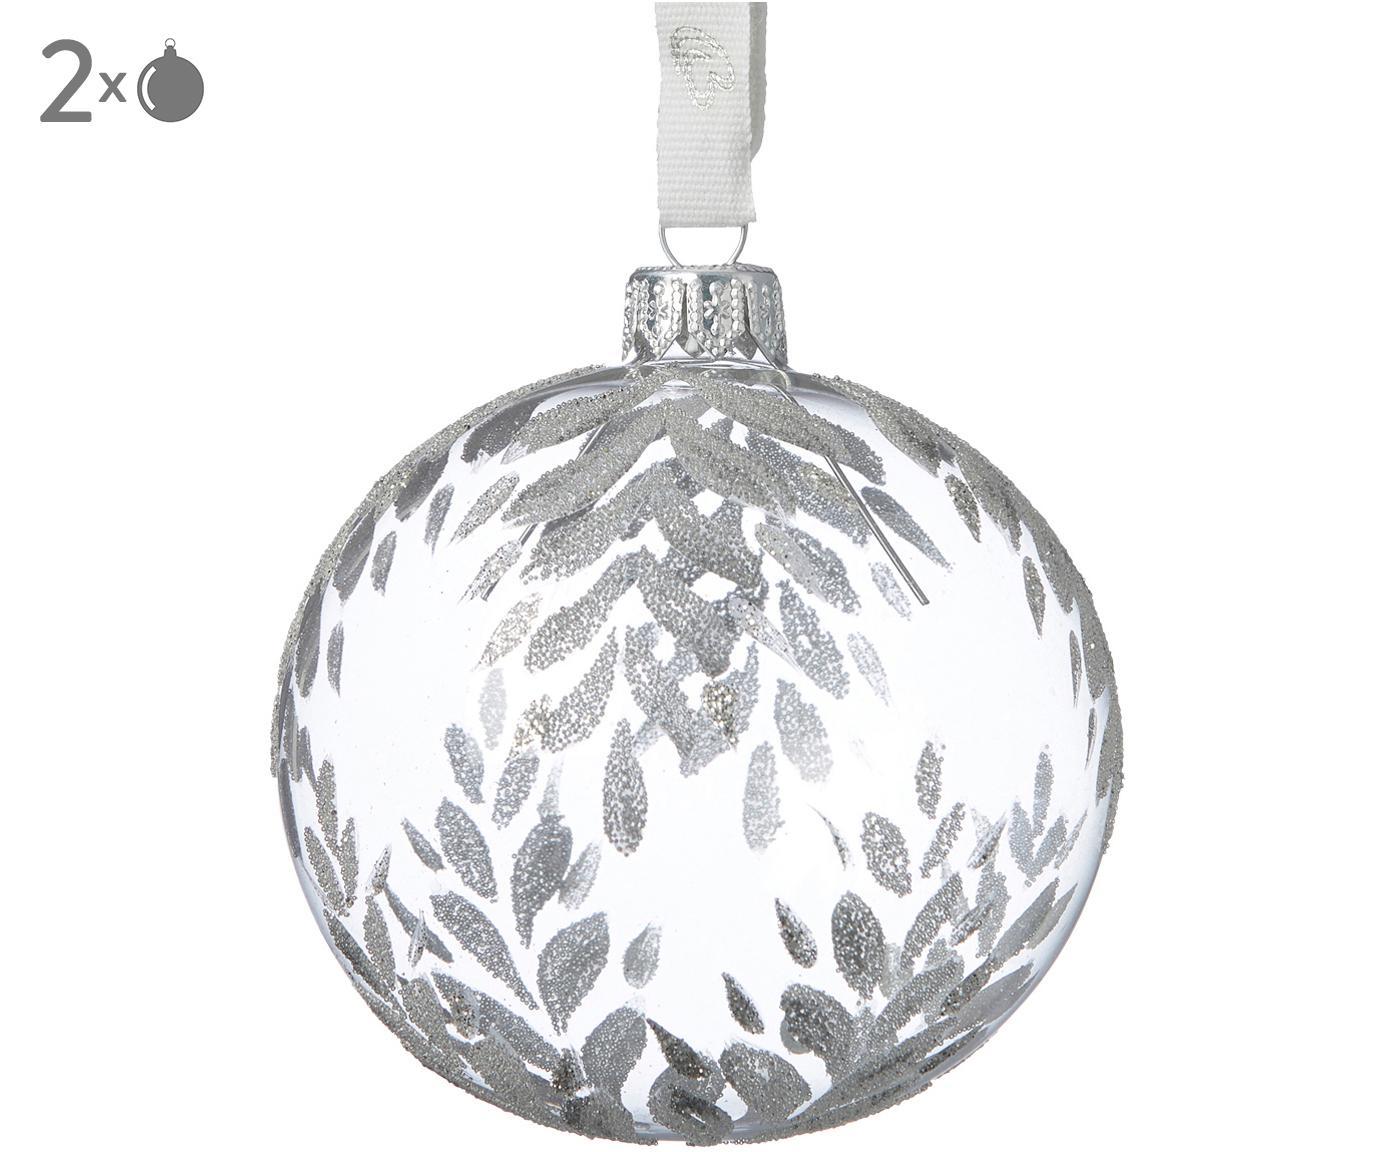 Bombka choinkowa Cadelia, 2 szt., Transparentny, odcienie srebrnego, Ø 8 x W 8 cm